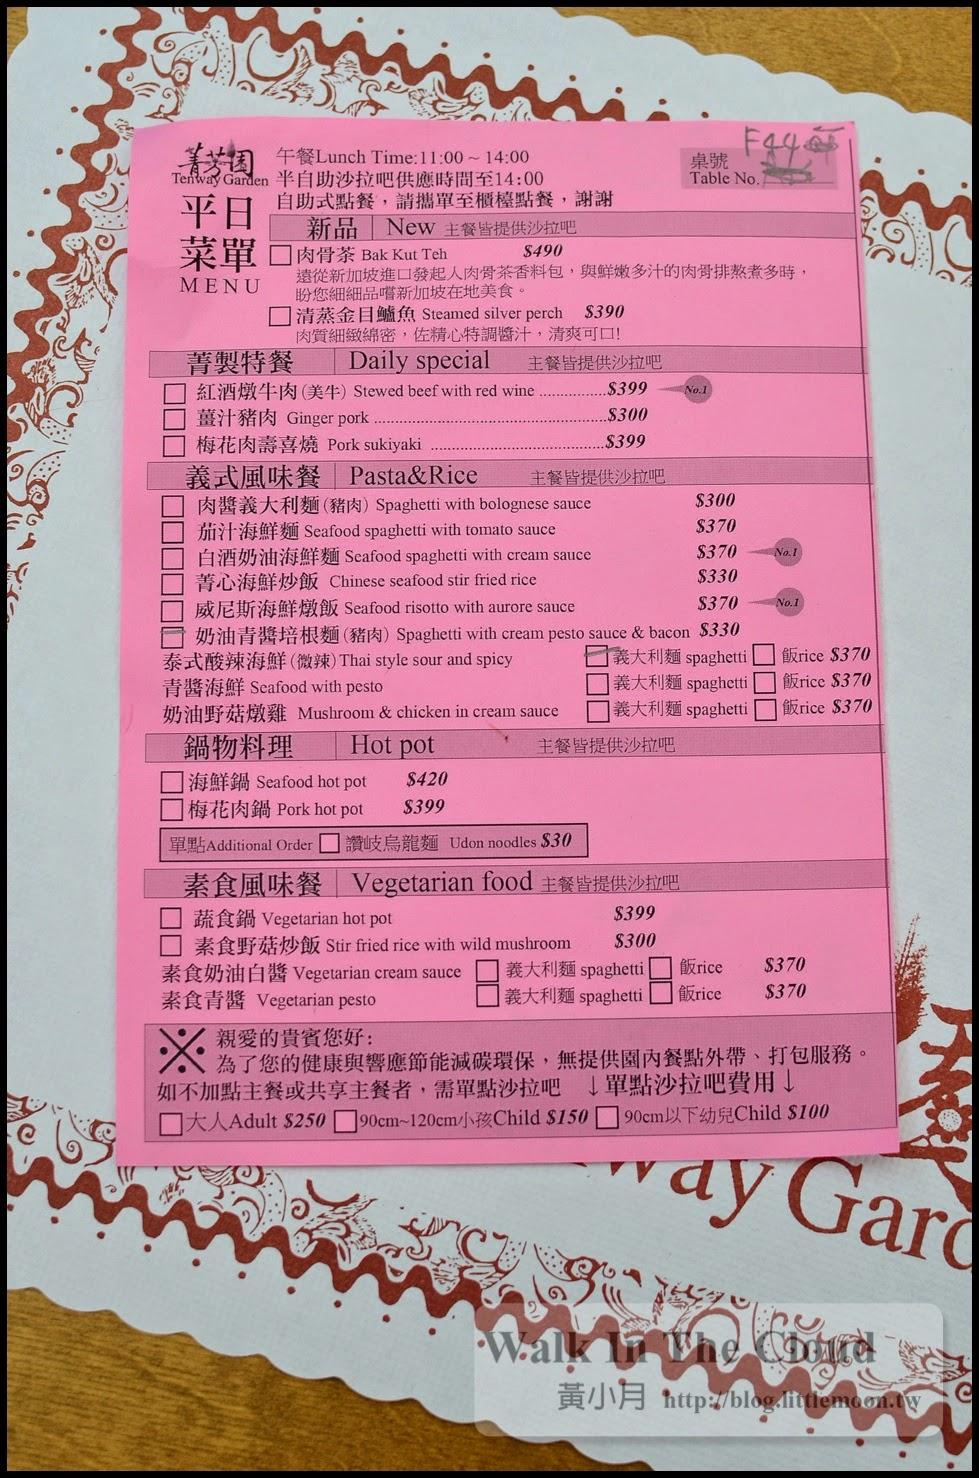 菁芳園平日菜單